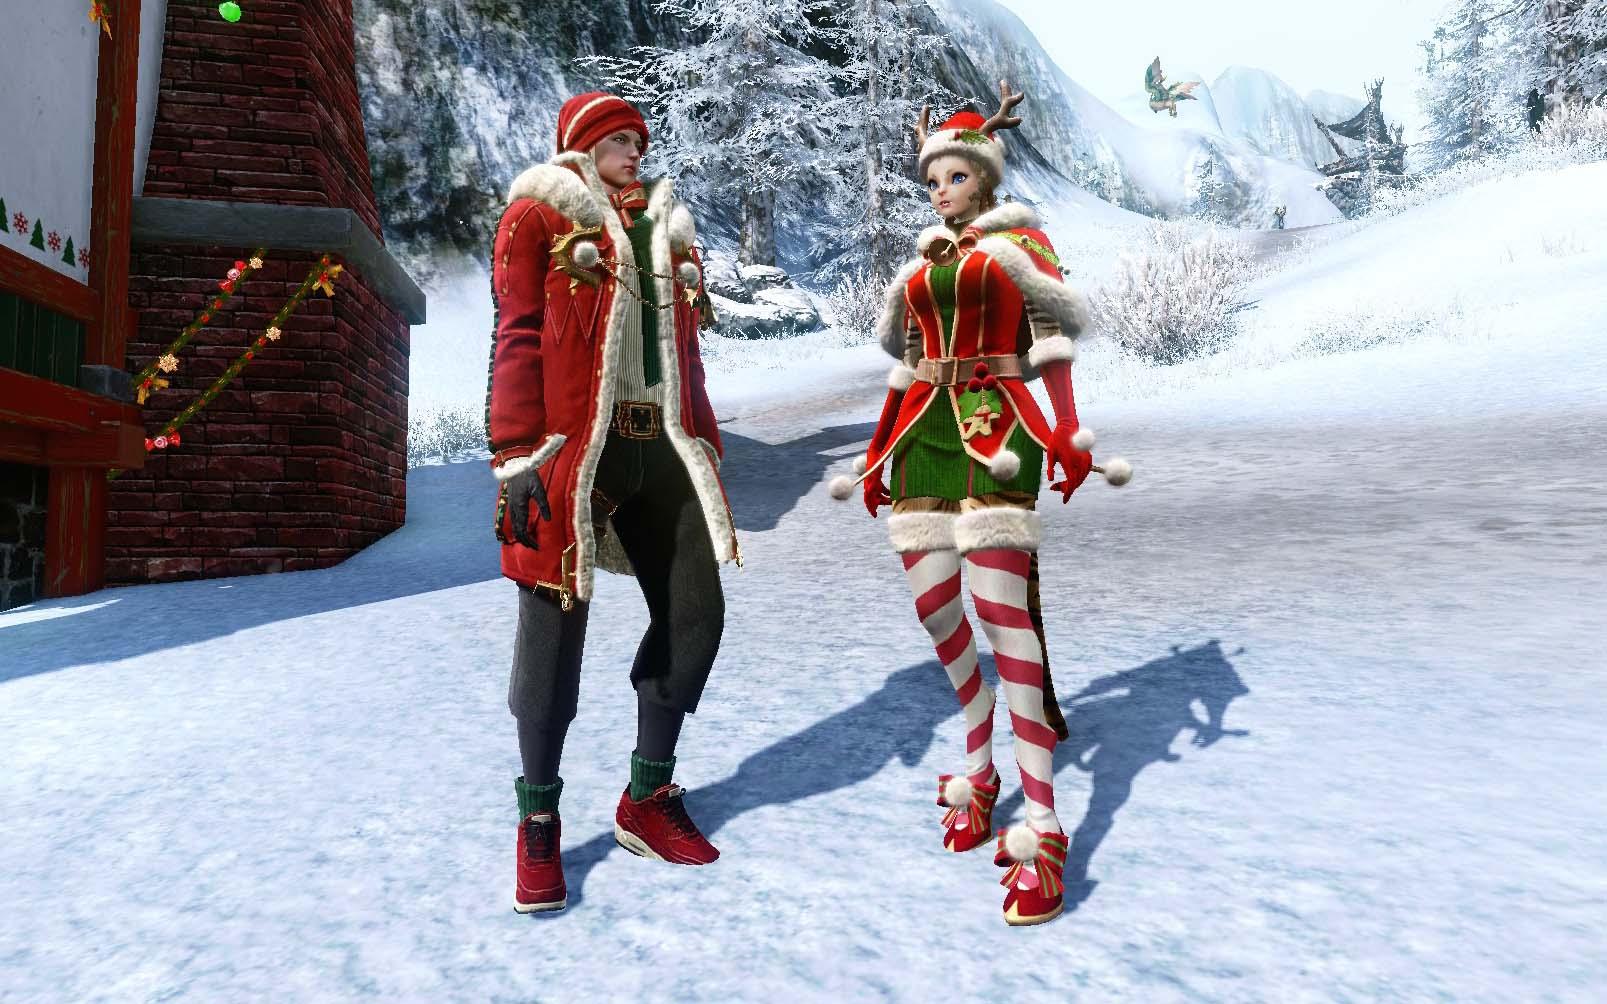 Дизайн красного костюма жителя Неверинской деревни на мужском и женском персонажах